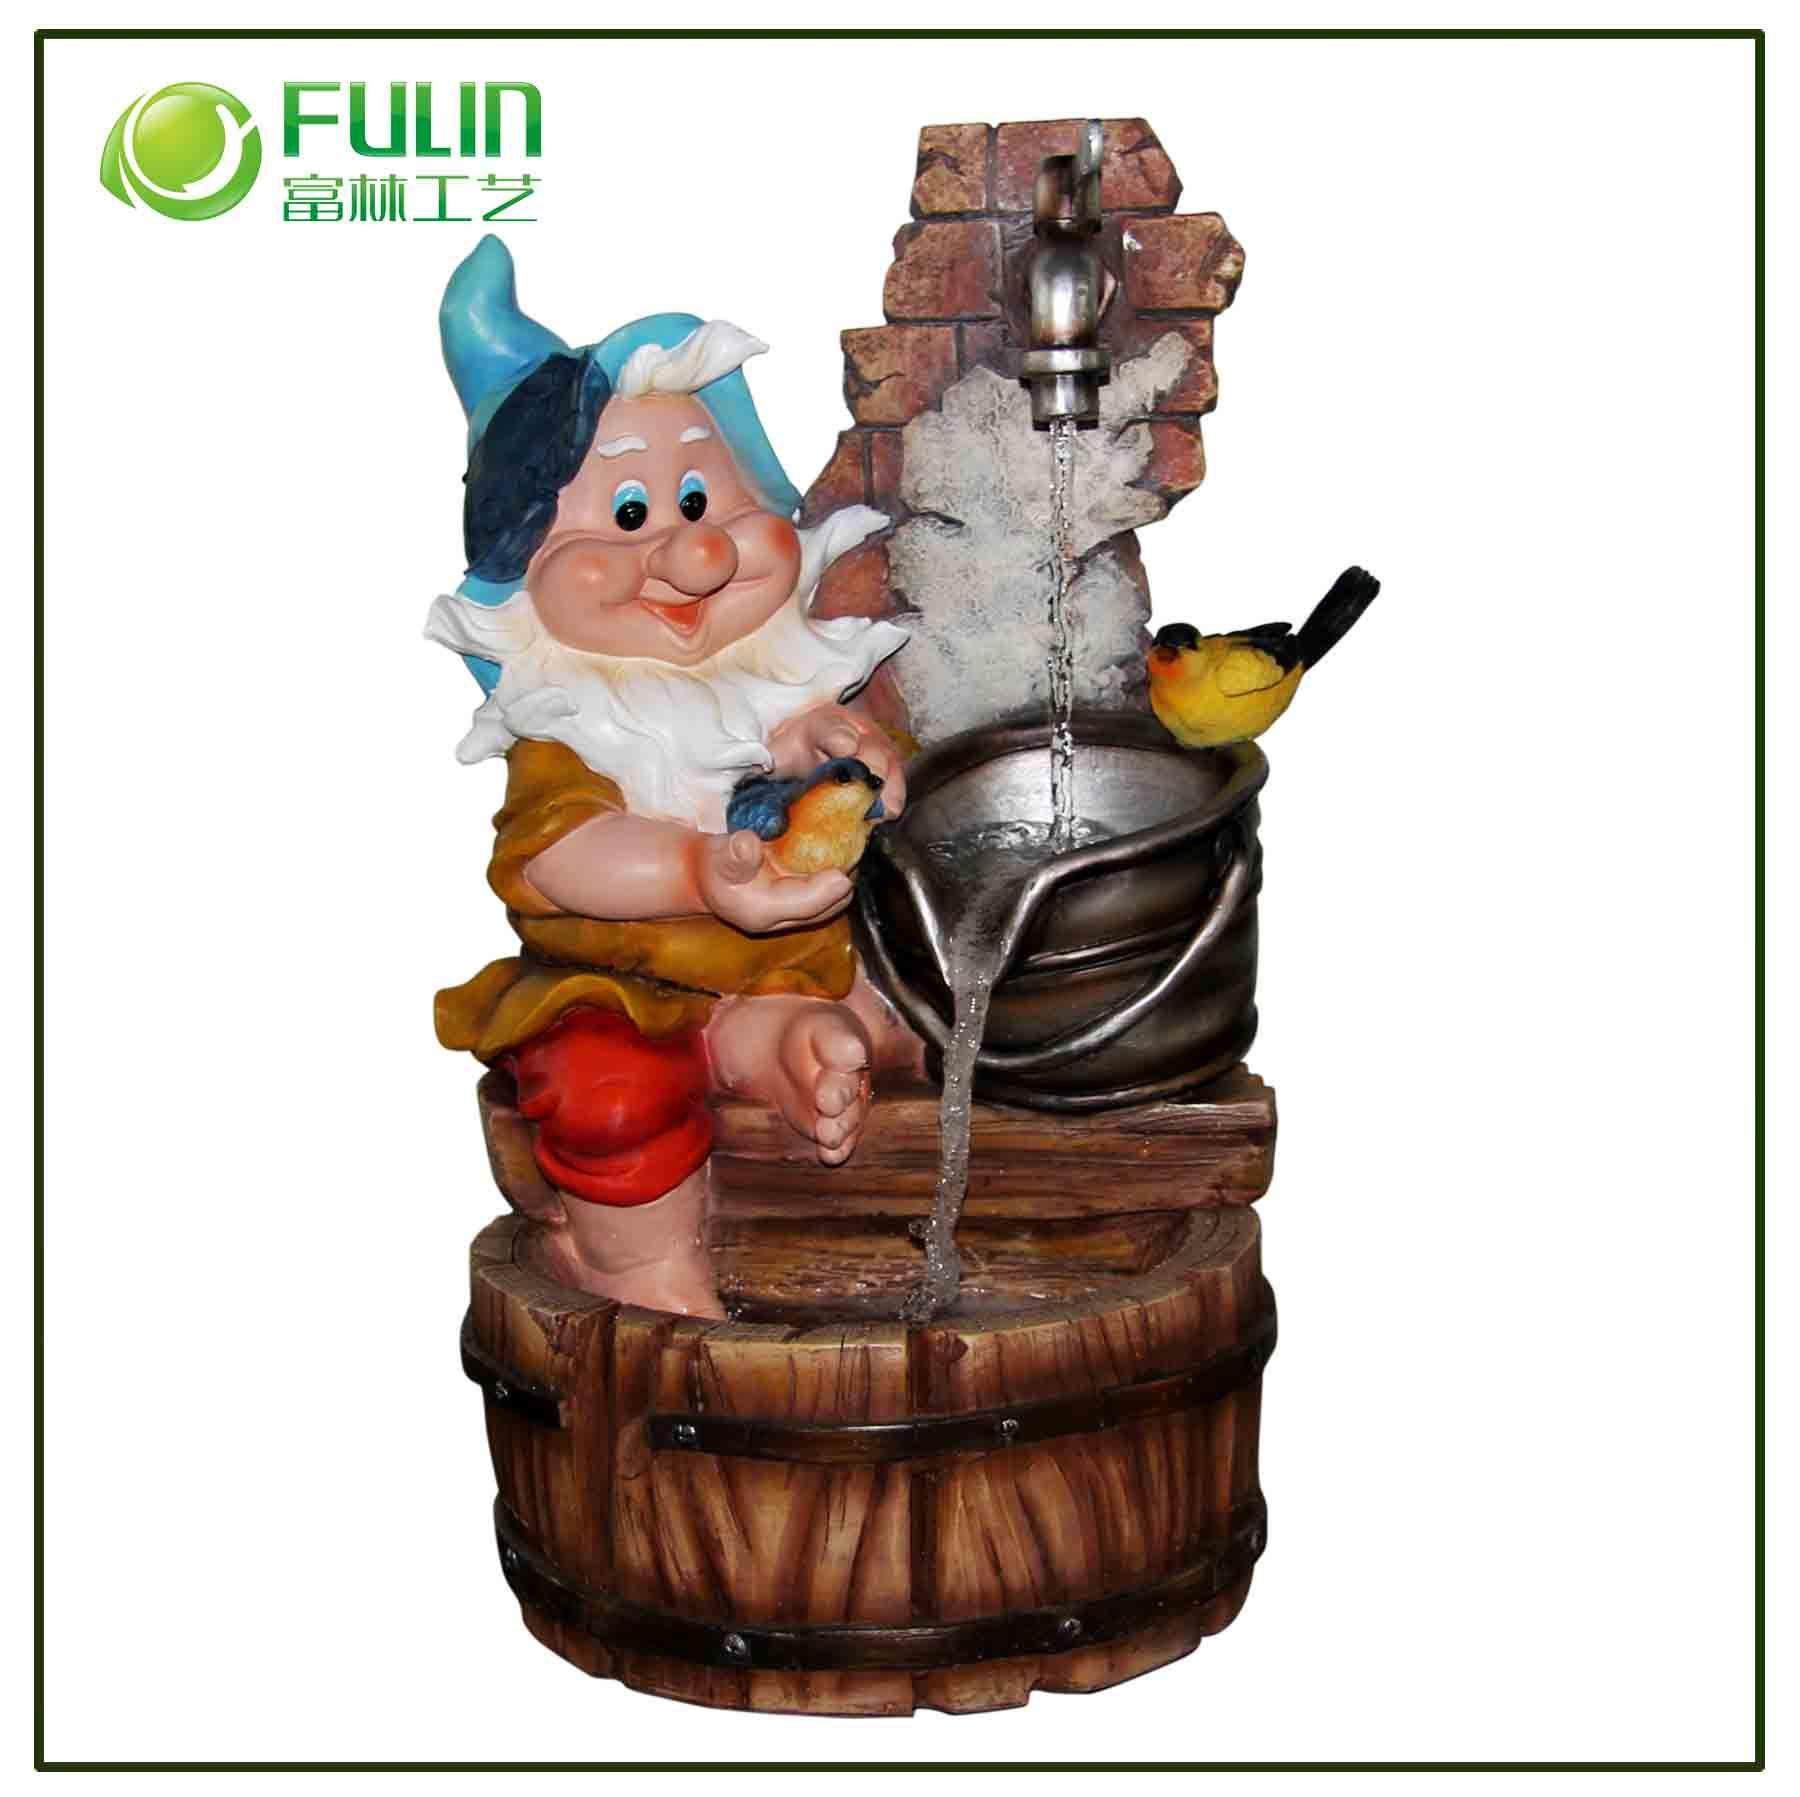 Fontaine d corative ext rieure de polyresin de gnome de l - Fontaine decorative exterieure ...